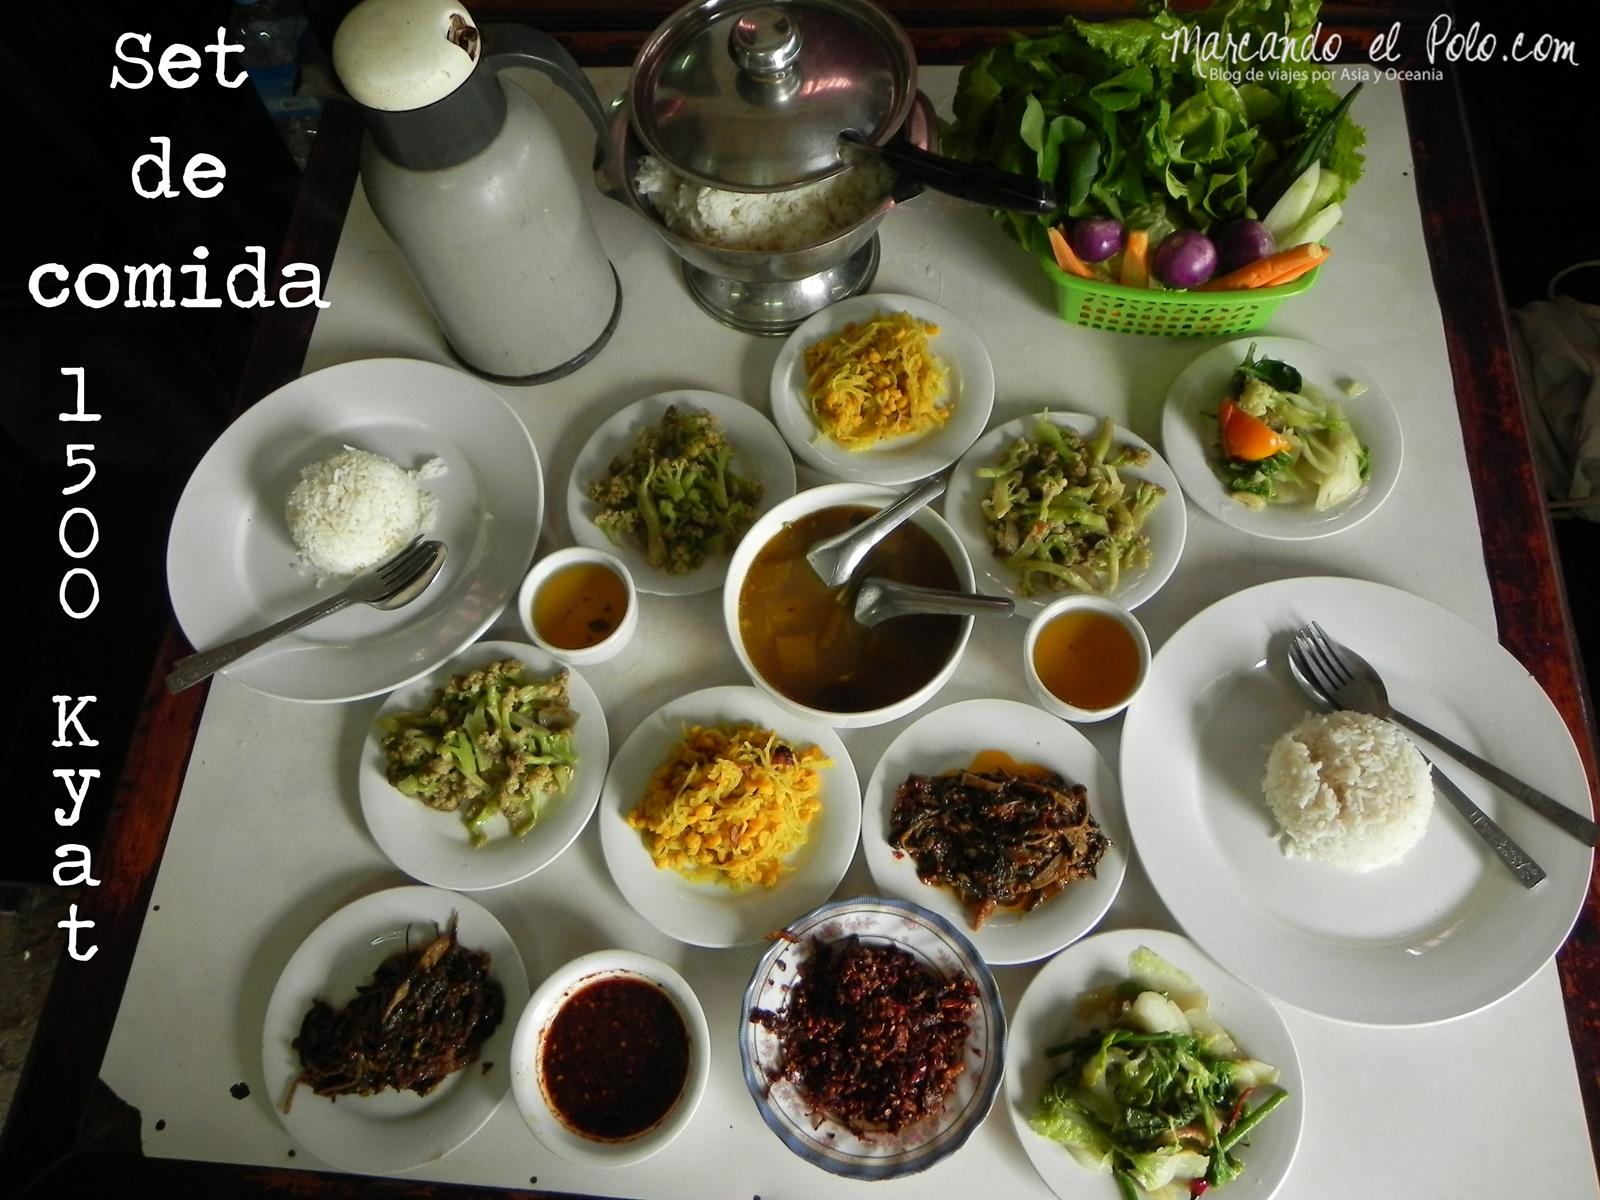 Presupuesto para viajar a Myanmar: set de comida